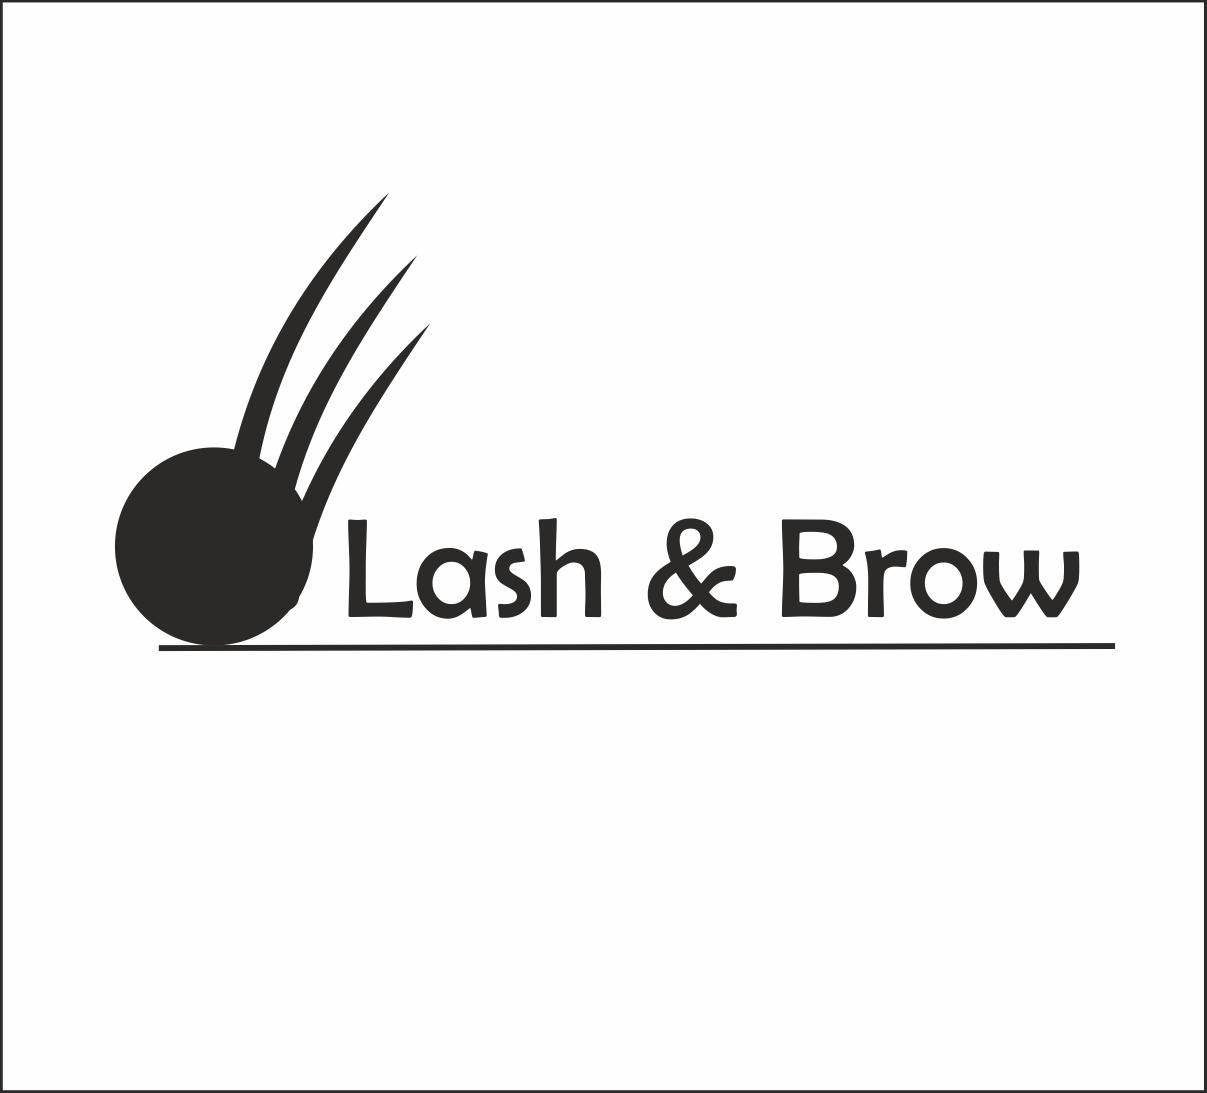 """Создание логотипа мероприятия """"Марафон Lash&Brow"""" фото f_94658f62d8e5233f.png"""